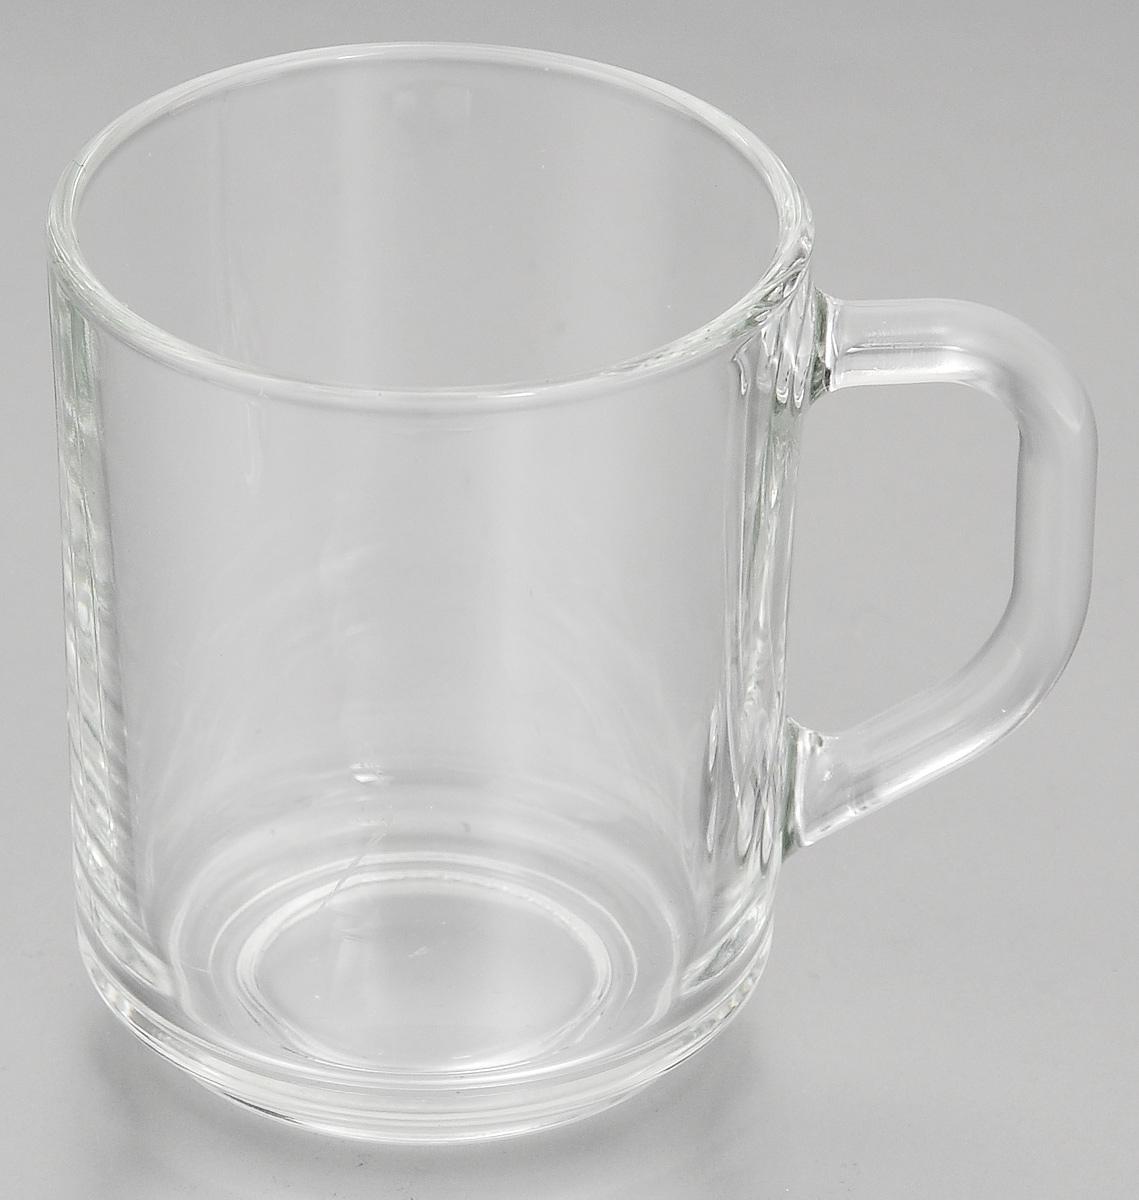 """Кружка OSZ """"Green Tea"""" изготовлена из стекла.  Изделие оснащено удобной ручкой и сочетает в себе  лаконичный дизайн и функциональность. Кружка OSZ """"Green Tea"""" не только украсит ваш  кухонный стол, но и подчеркнет прекрасный вкус  хозяйки.  Диаметр кружки (по верхнему краю): 7,2 см."""